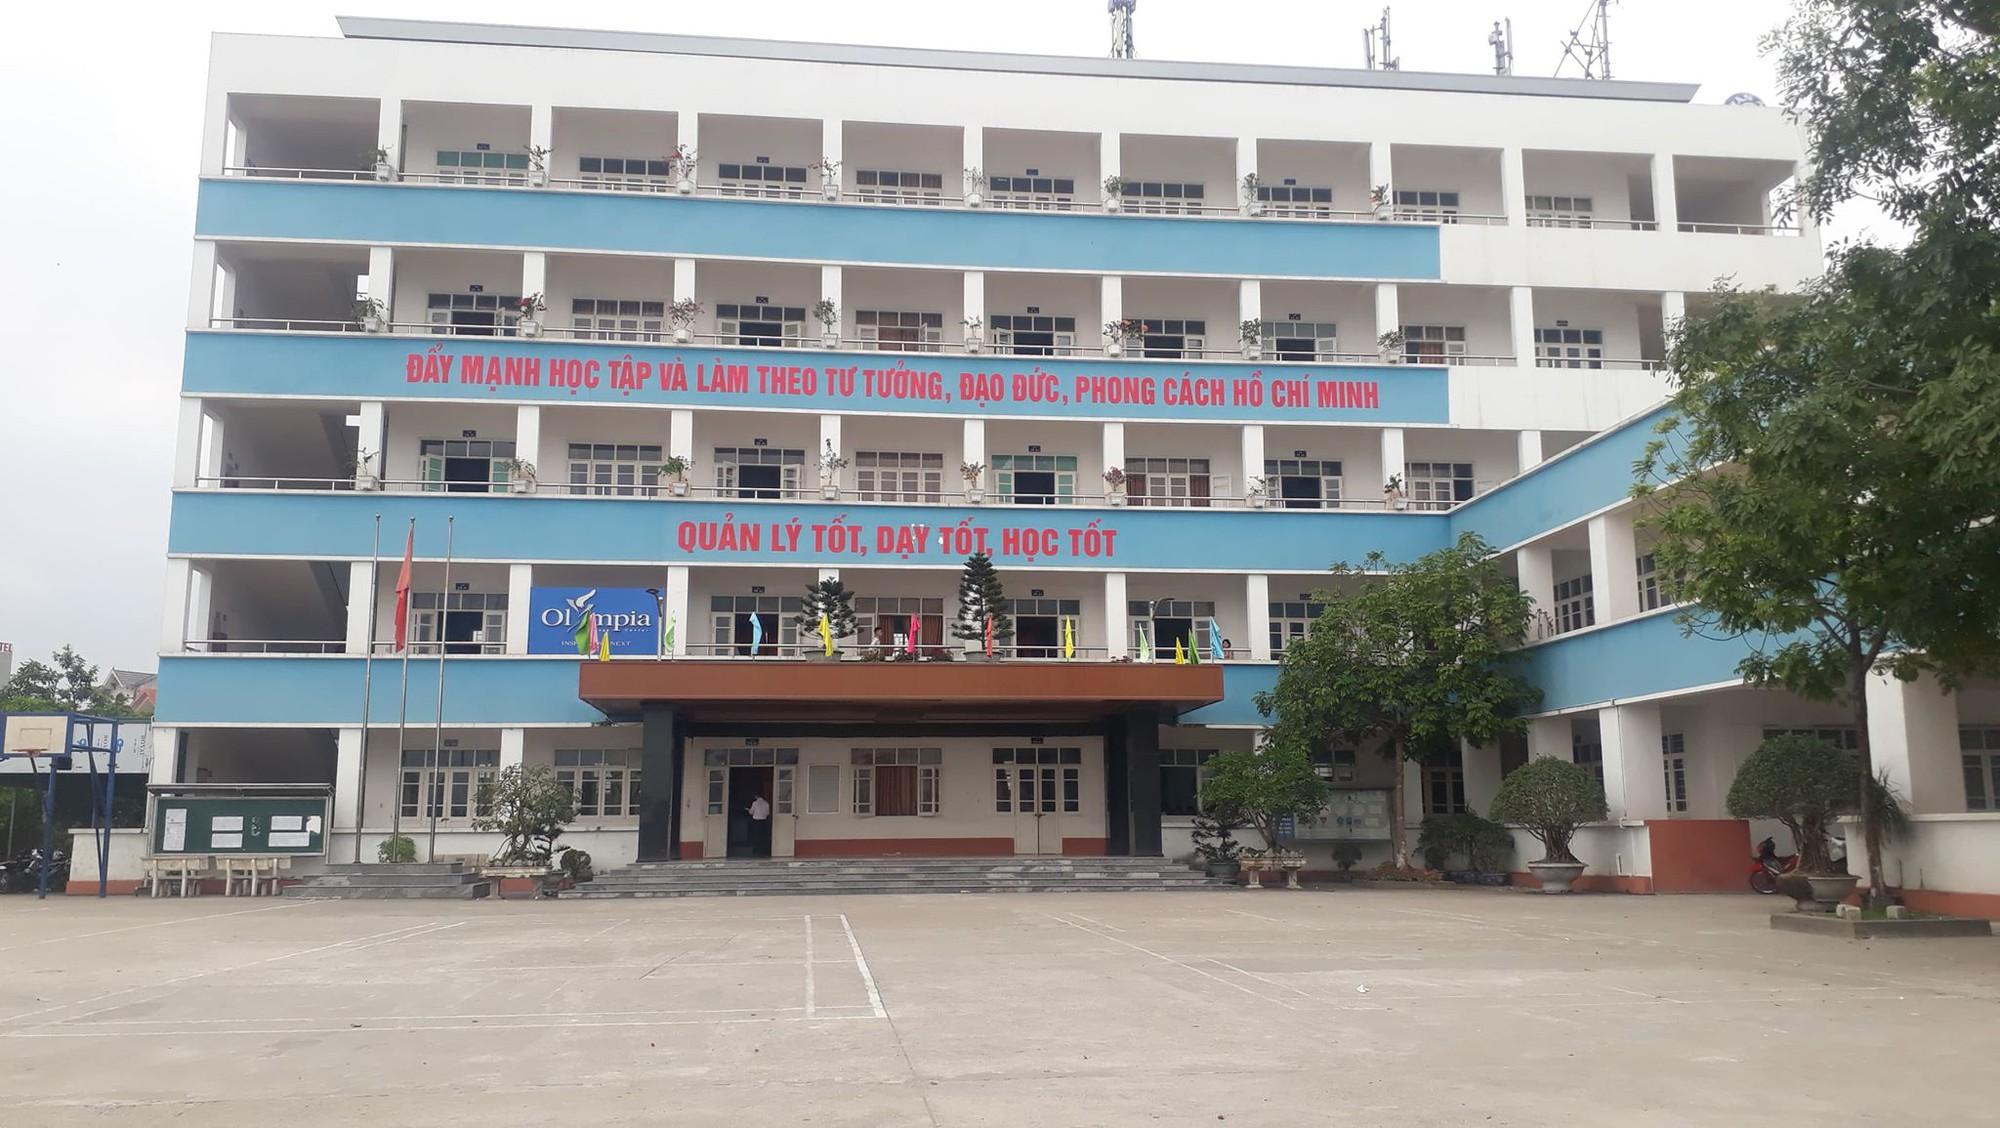 Nữ sinh ở Quảng Ninh nói lý do mình bị đánh nhập viện: Vì hẹn nhóm nữ sinh các trường khác để giải quyết mâu thuẫn trước đó - Ảnh 2.